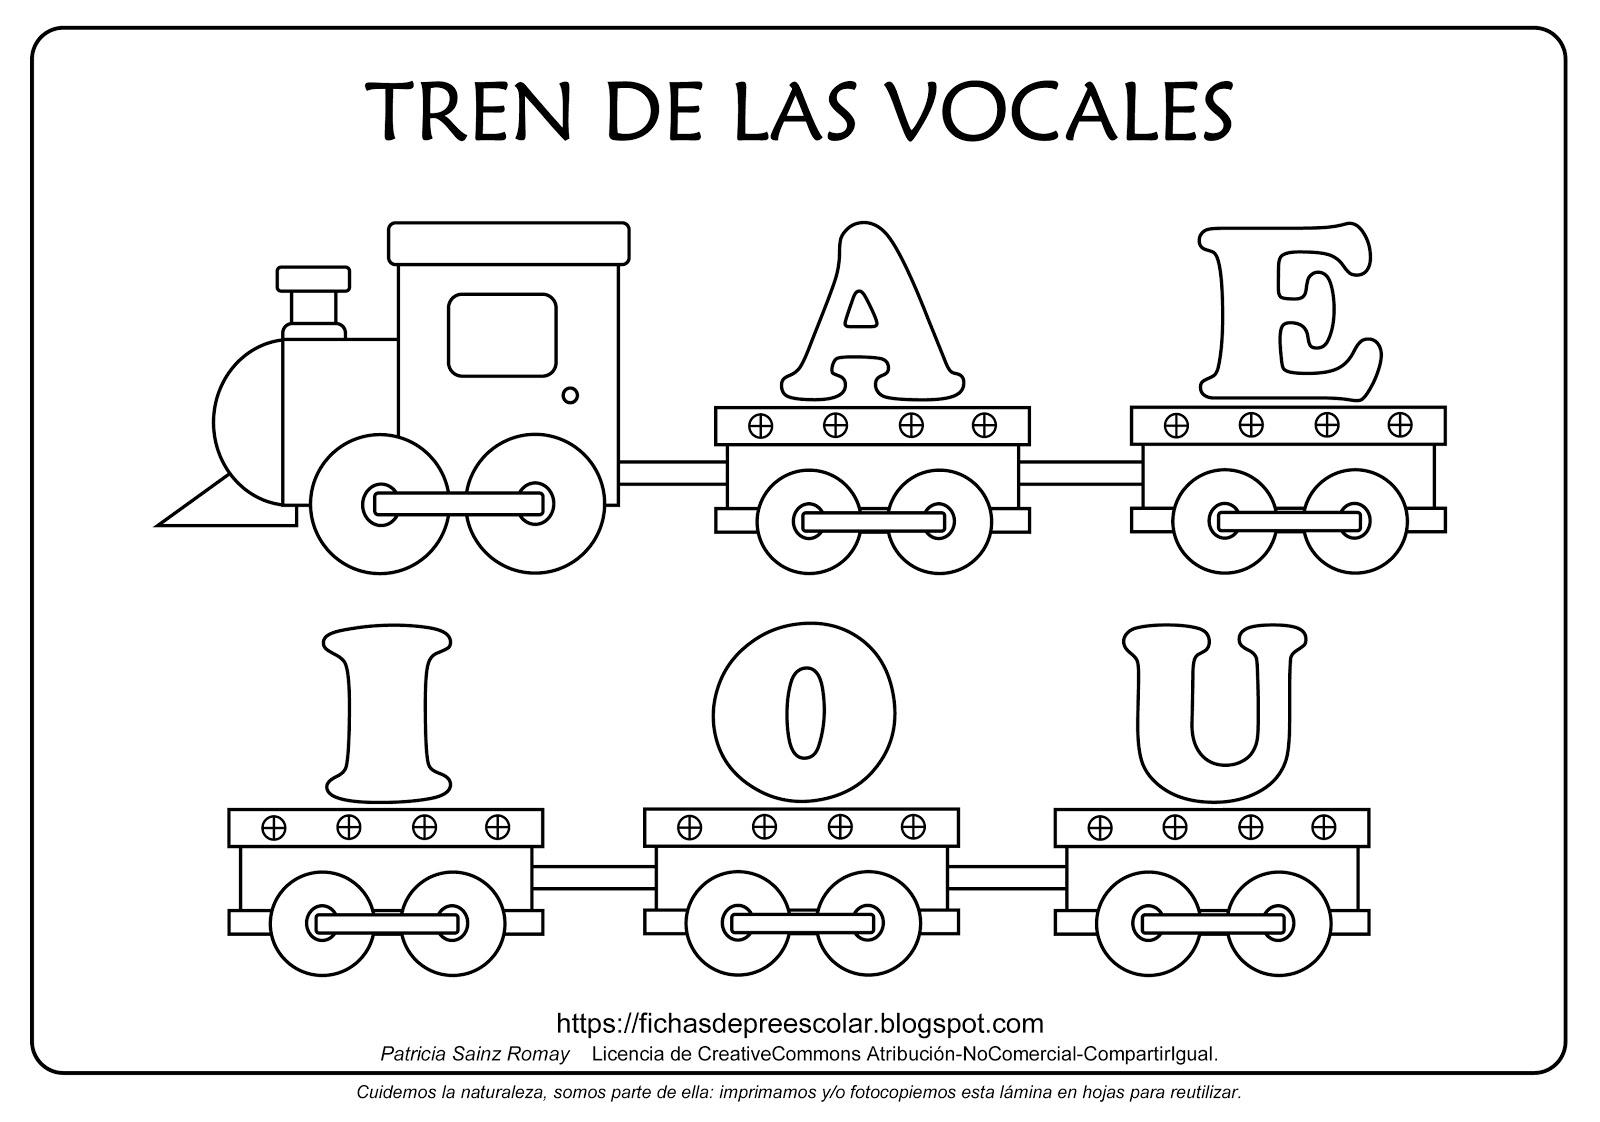 FICHAS DE EDUCACIÓN PREESCOLAR: TREN DE LAS VOCALES PARA